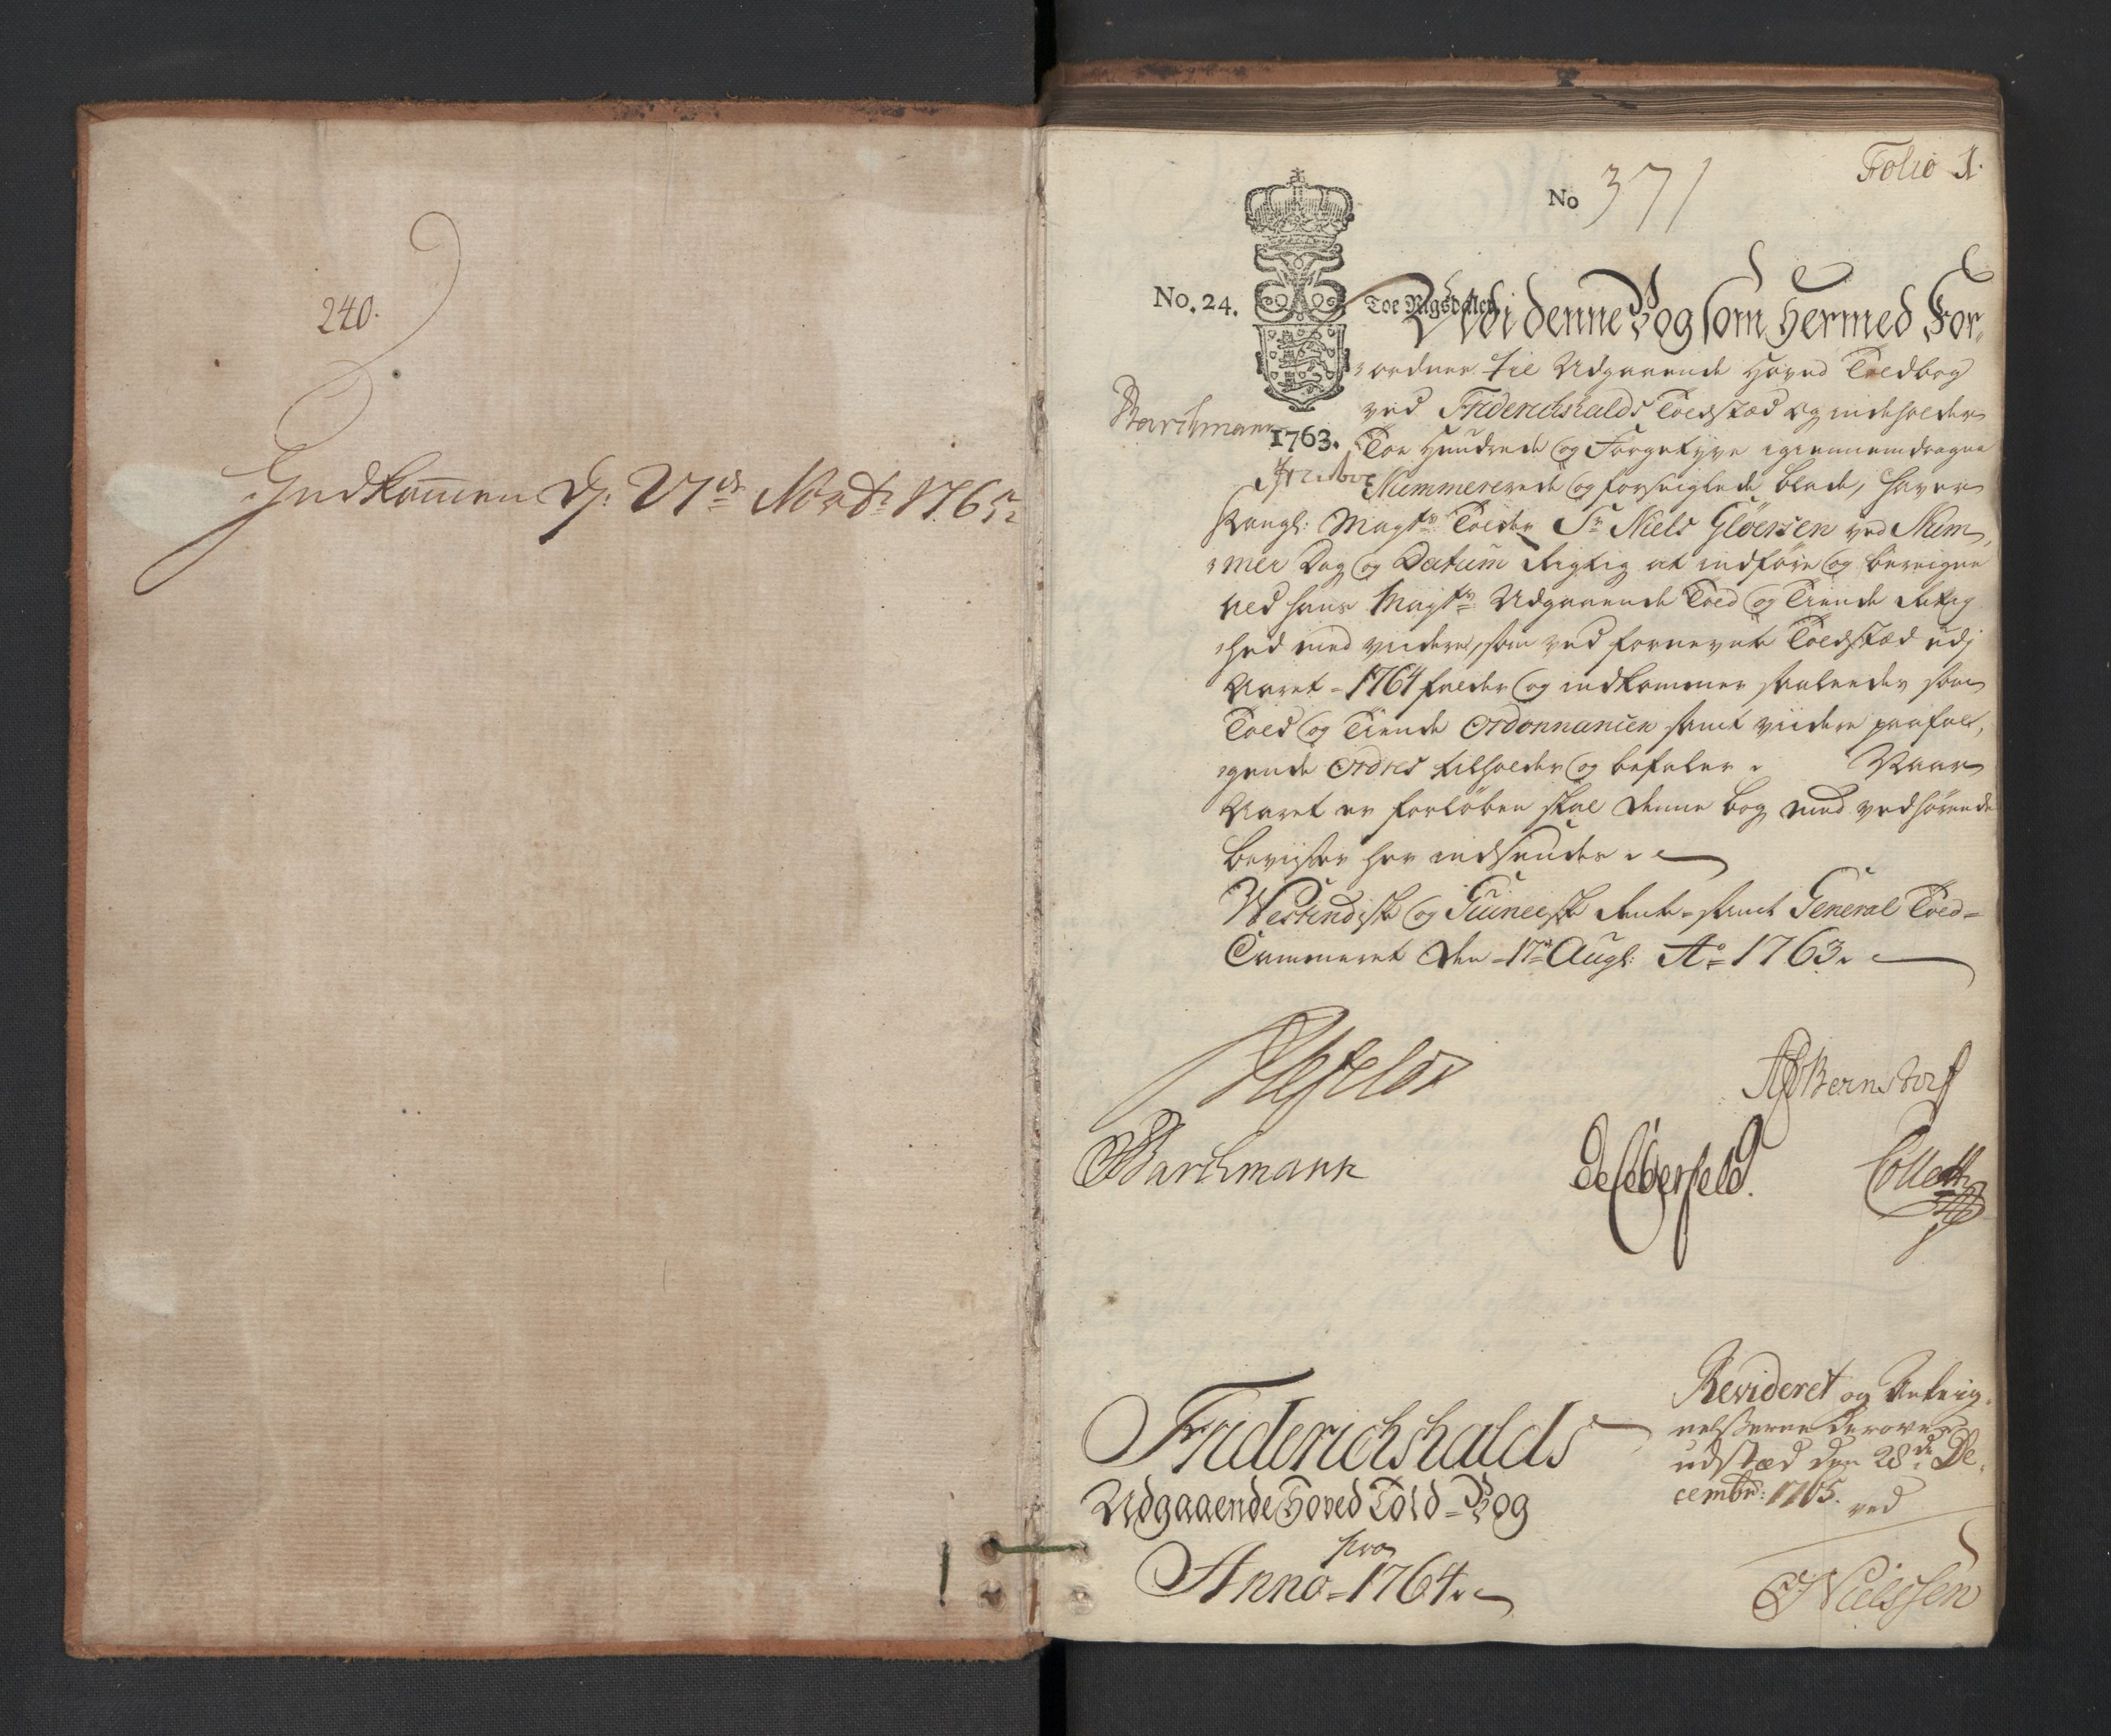 RA, Generaltollkammeret, tollregnskaper, R01/L0053: Tollregnskaper Fredrikshald, 1764